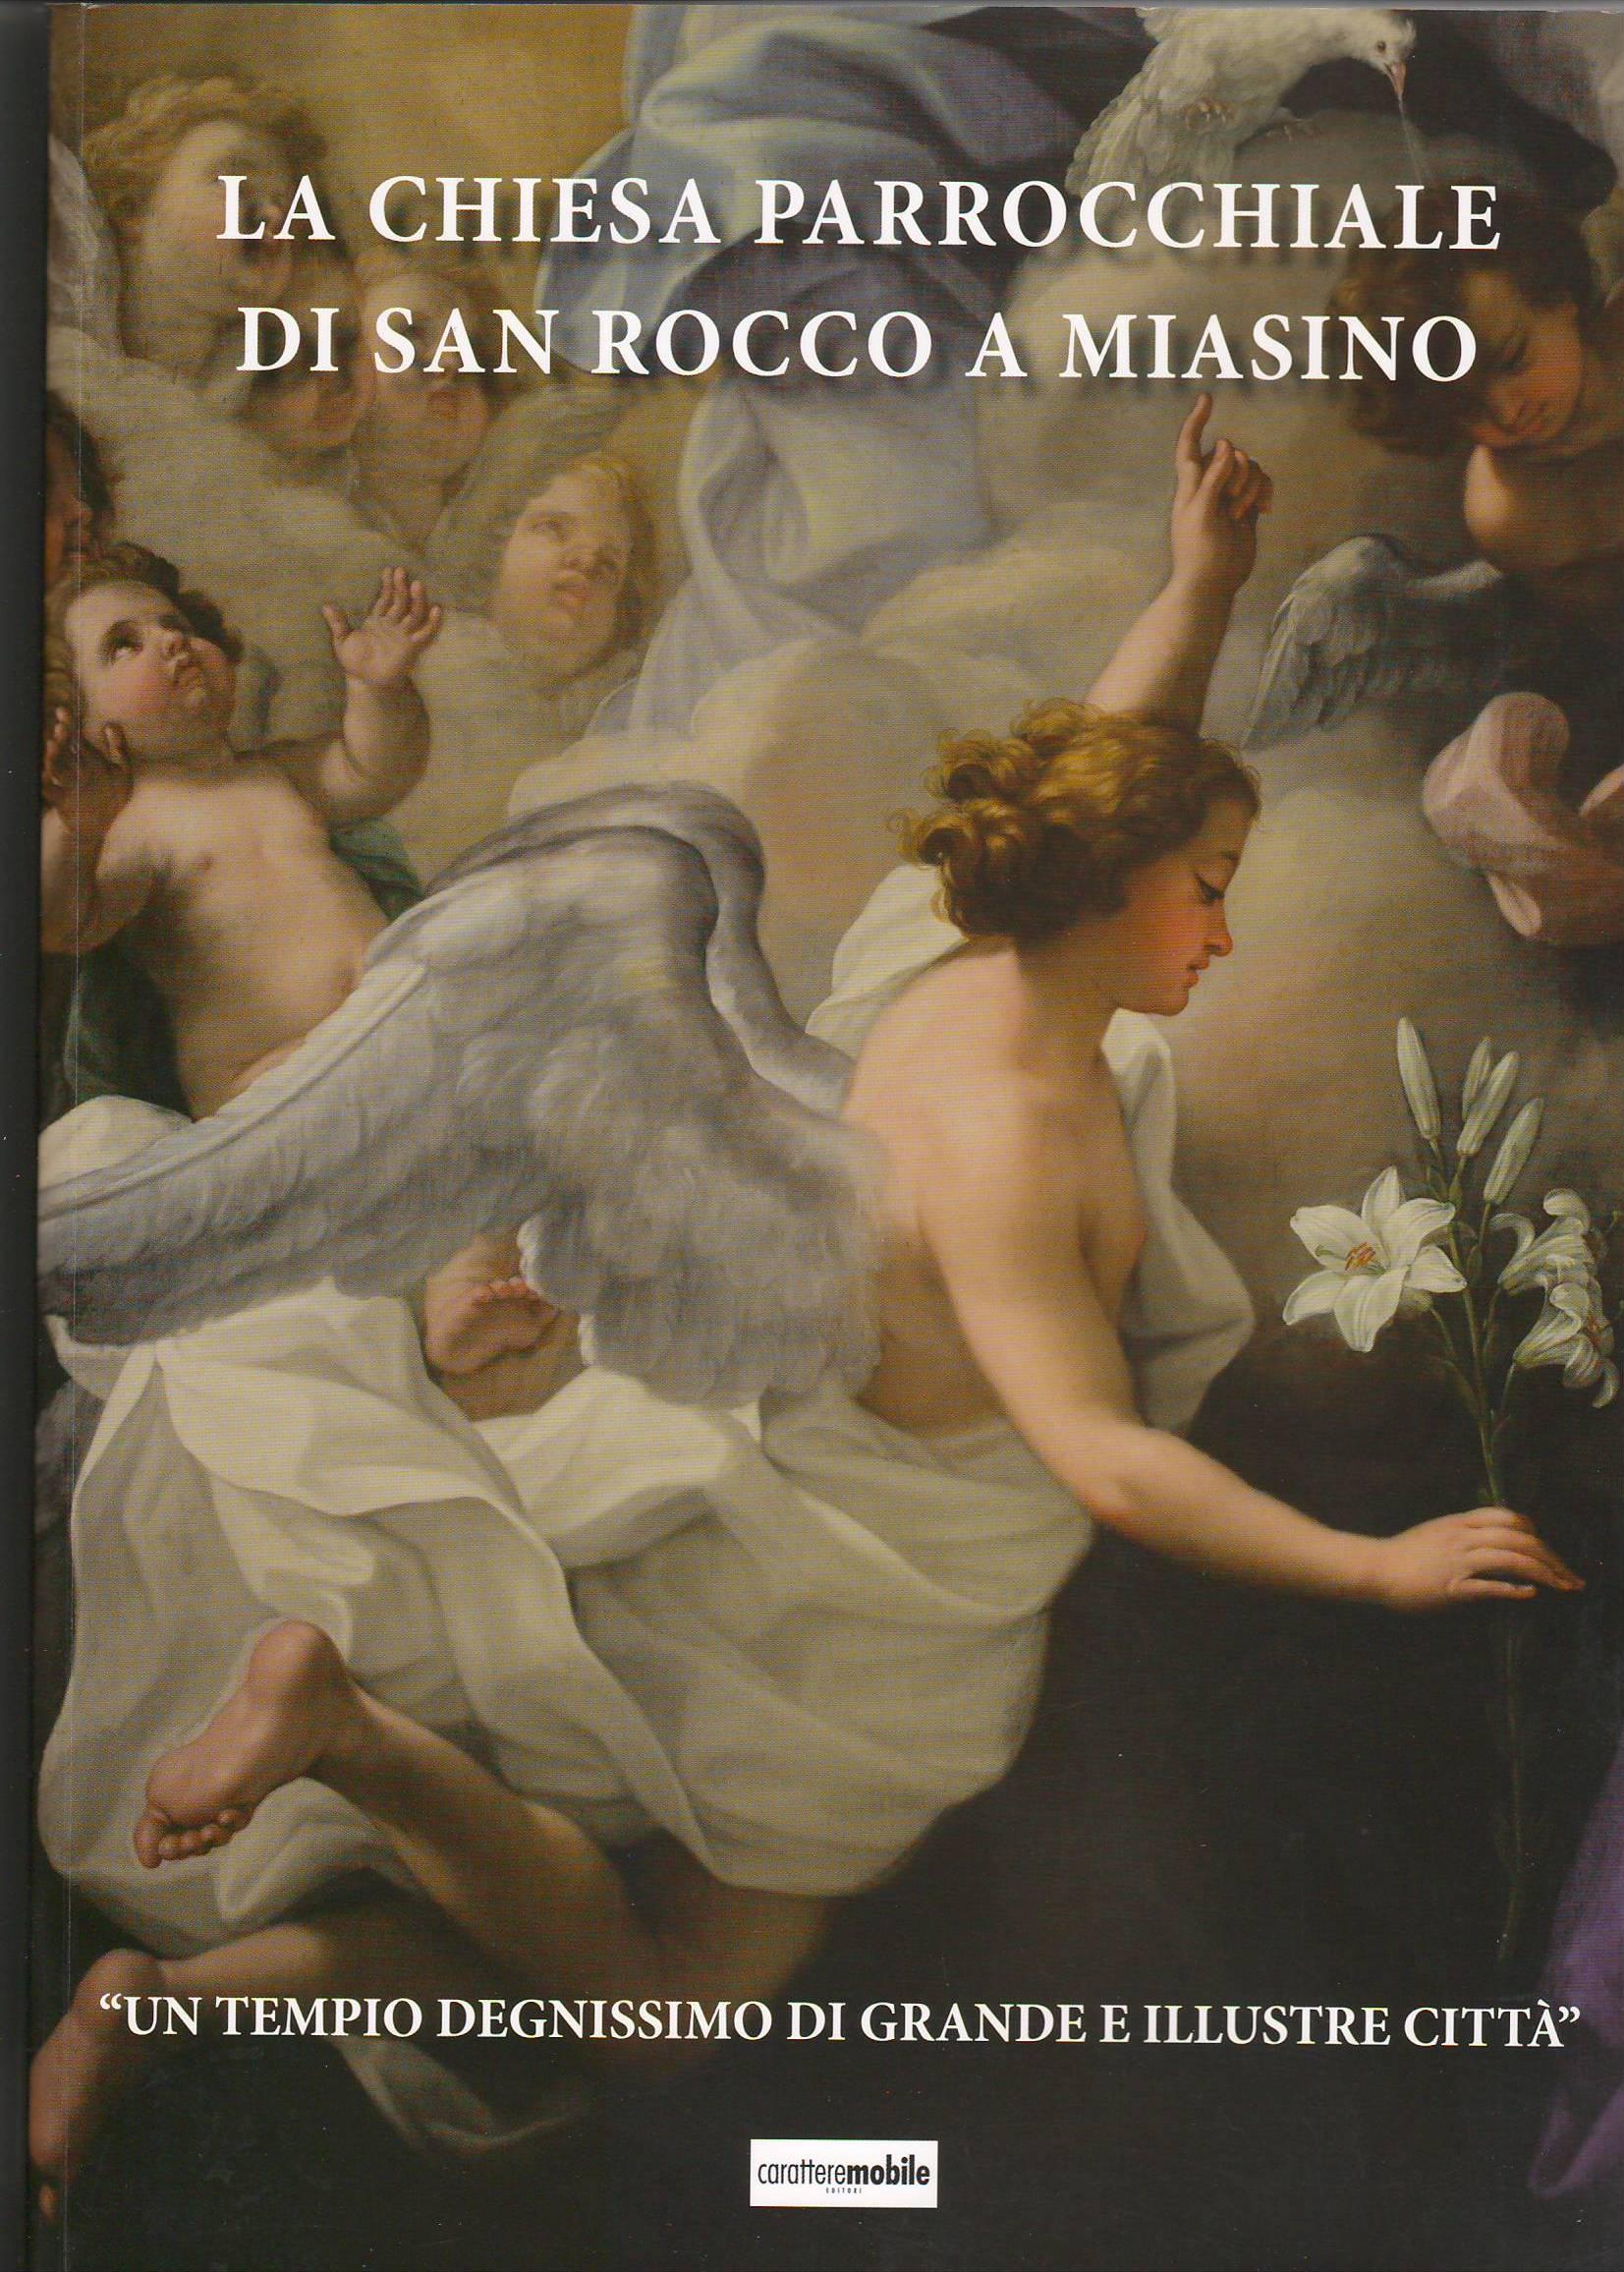 La chiesa parrocchiale di San Rocco a Miasino